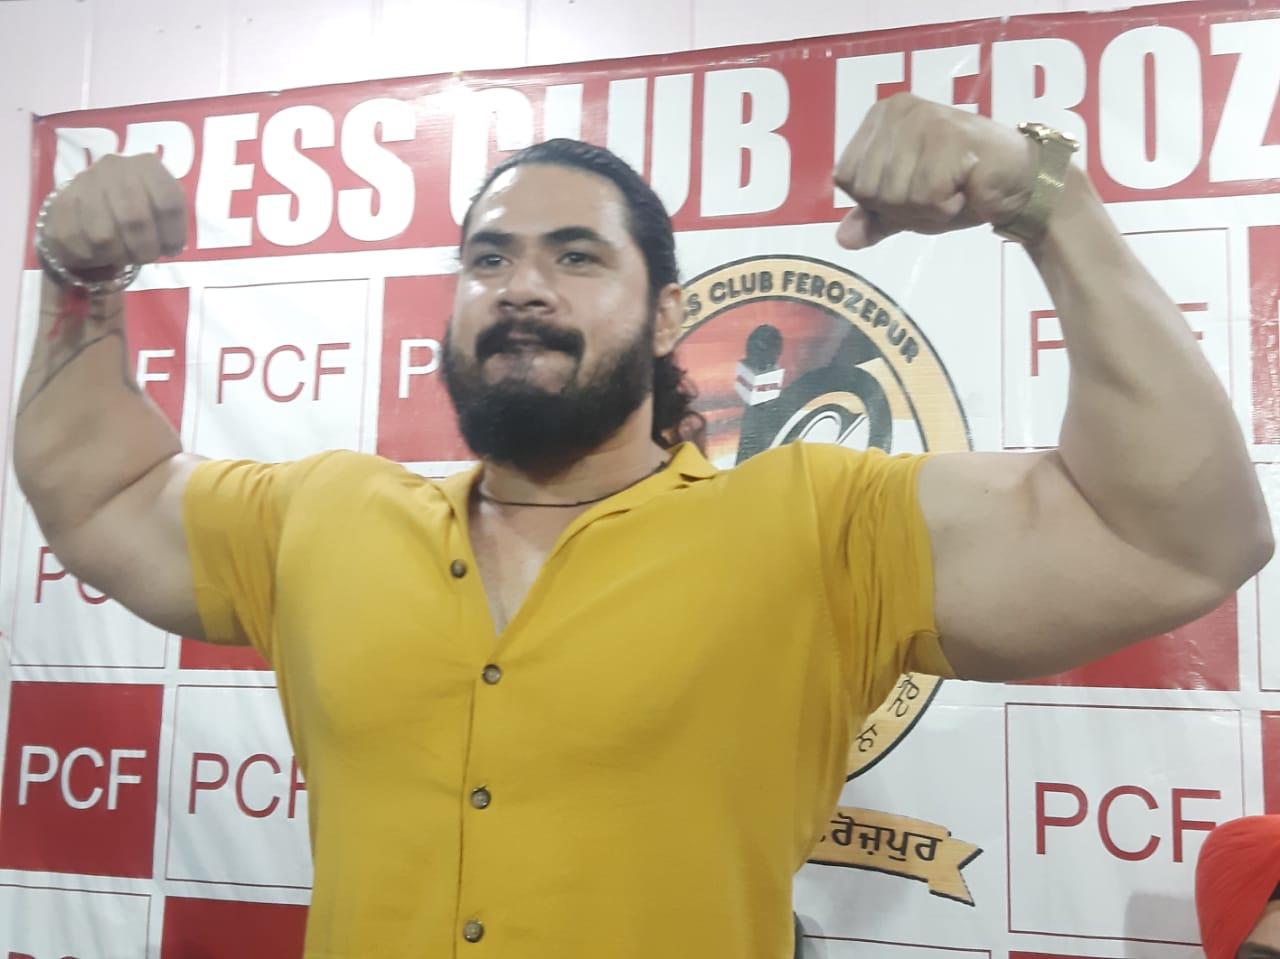 Warm welcome for World famous wrestler Mahabali Shera